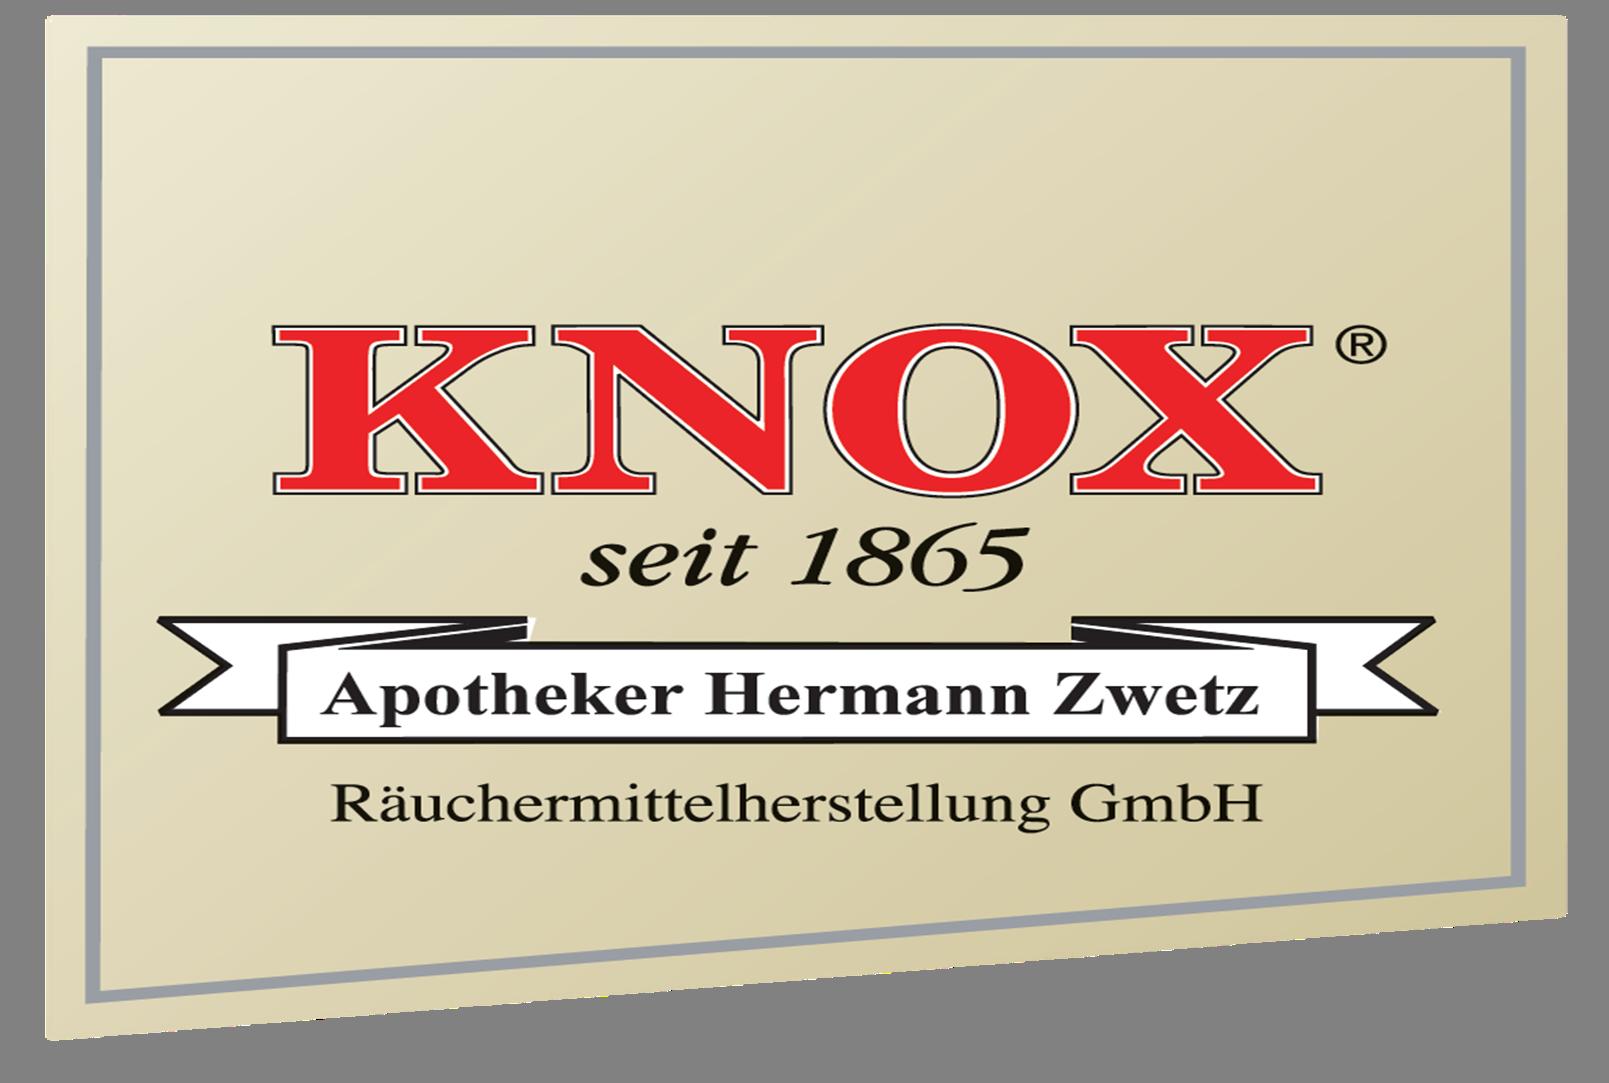 Apotheker Hermann Zwetz Räuchermittelherstellung GmbH